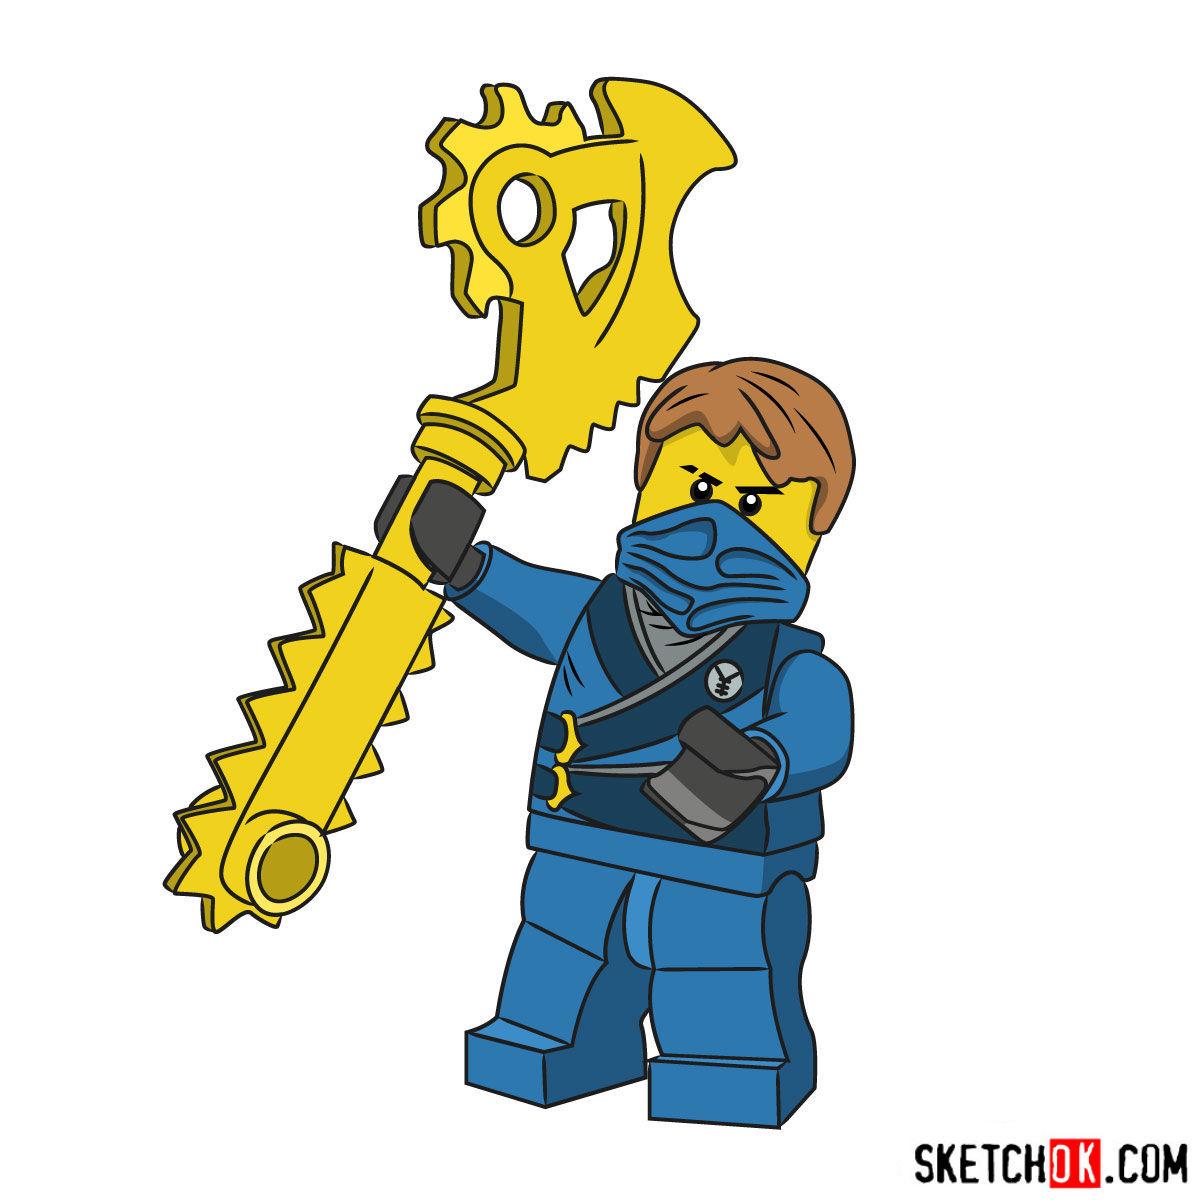 1200x1200 How To Draw Jay From Lego Ninjago